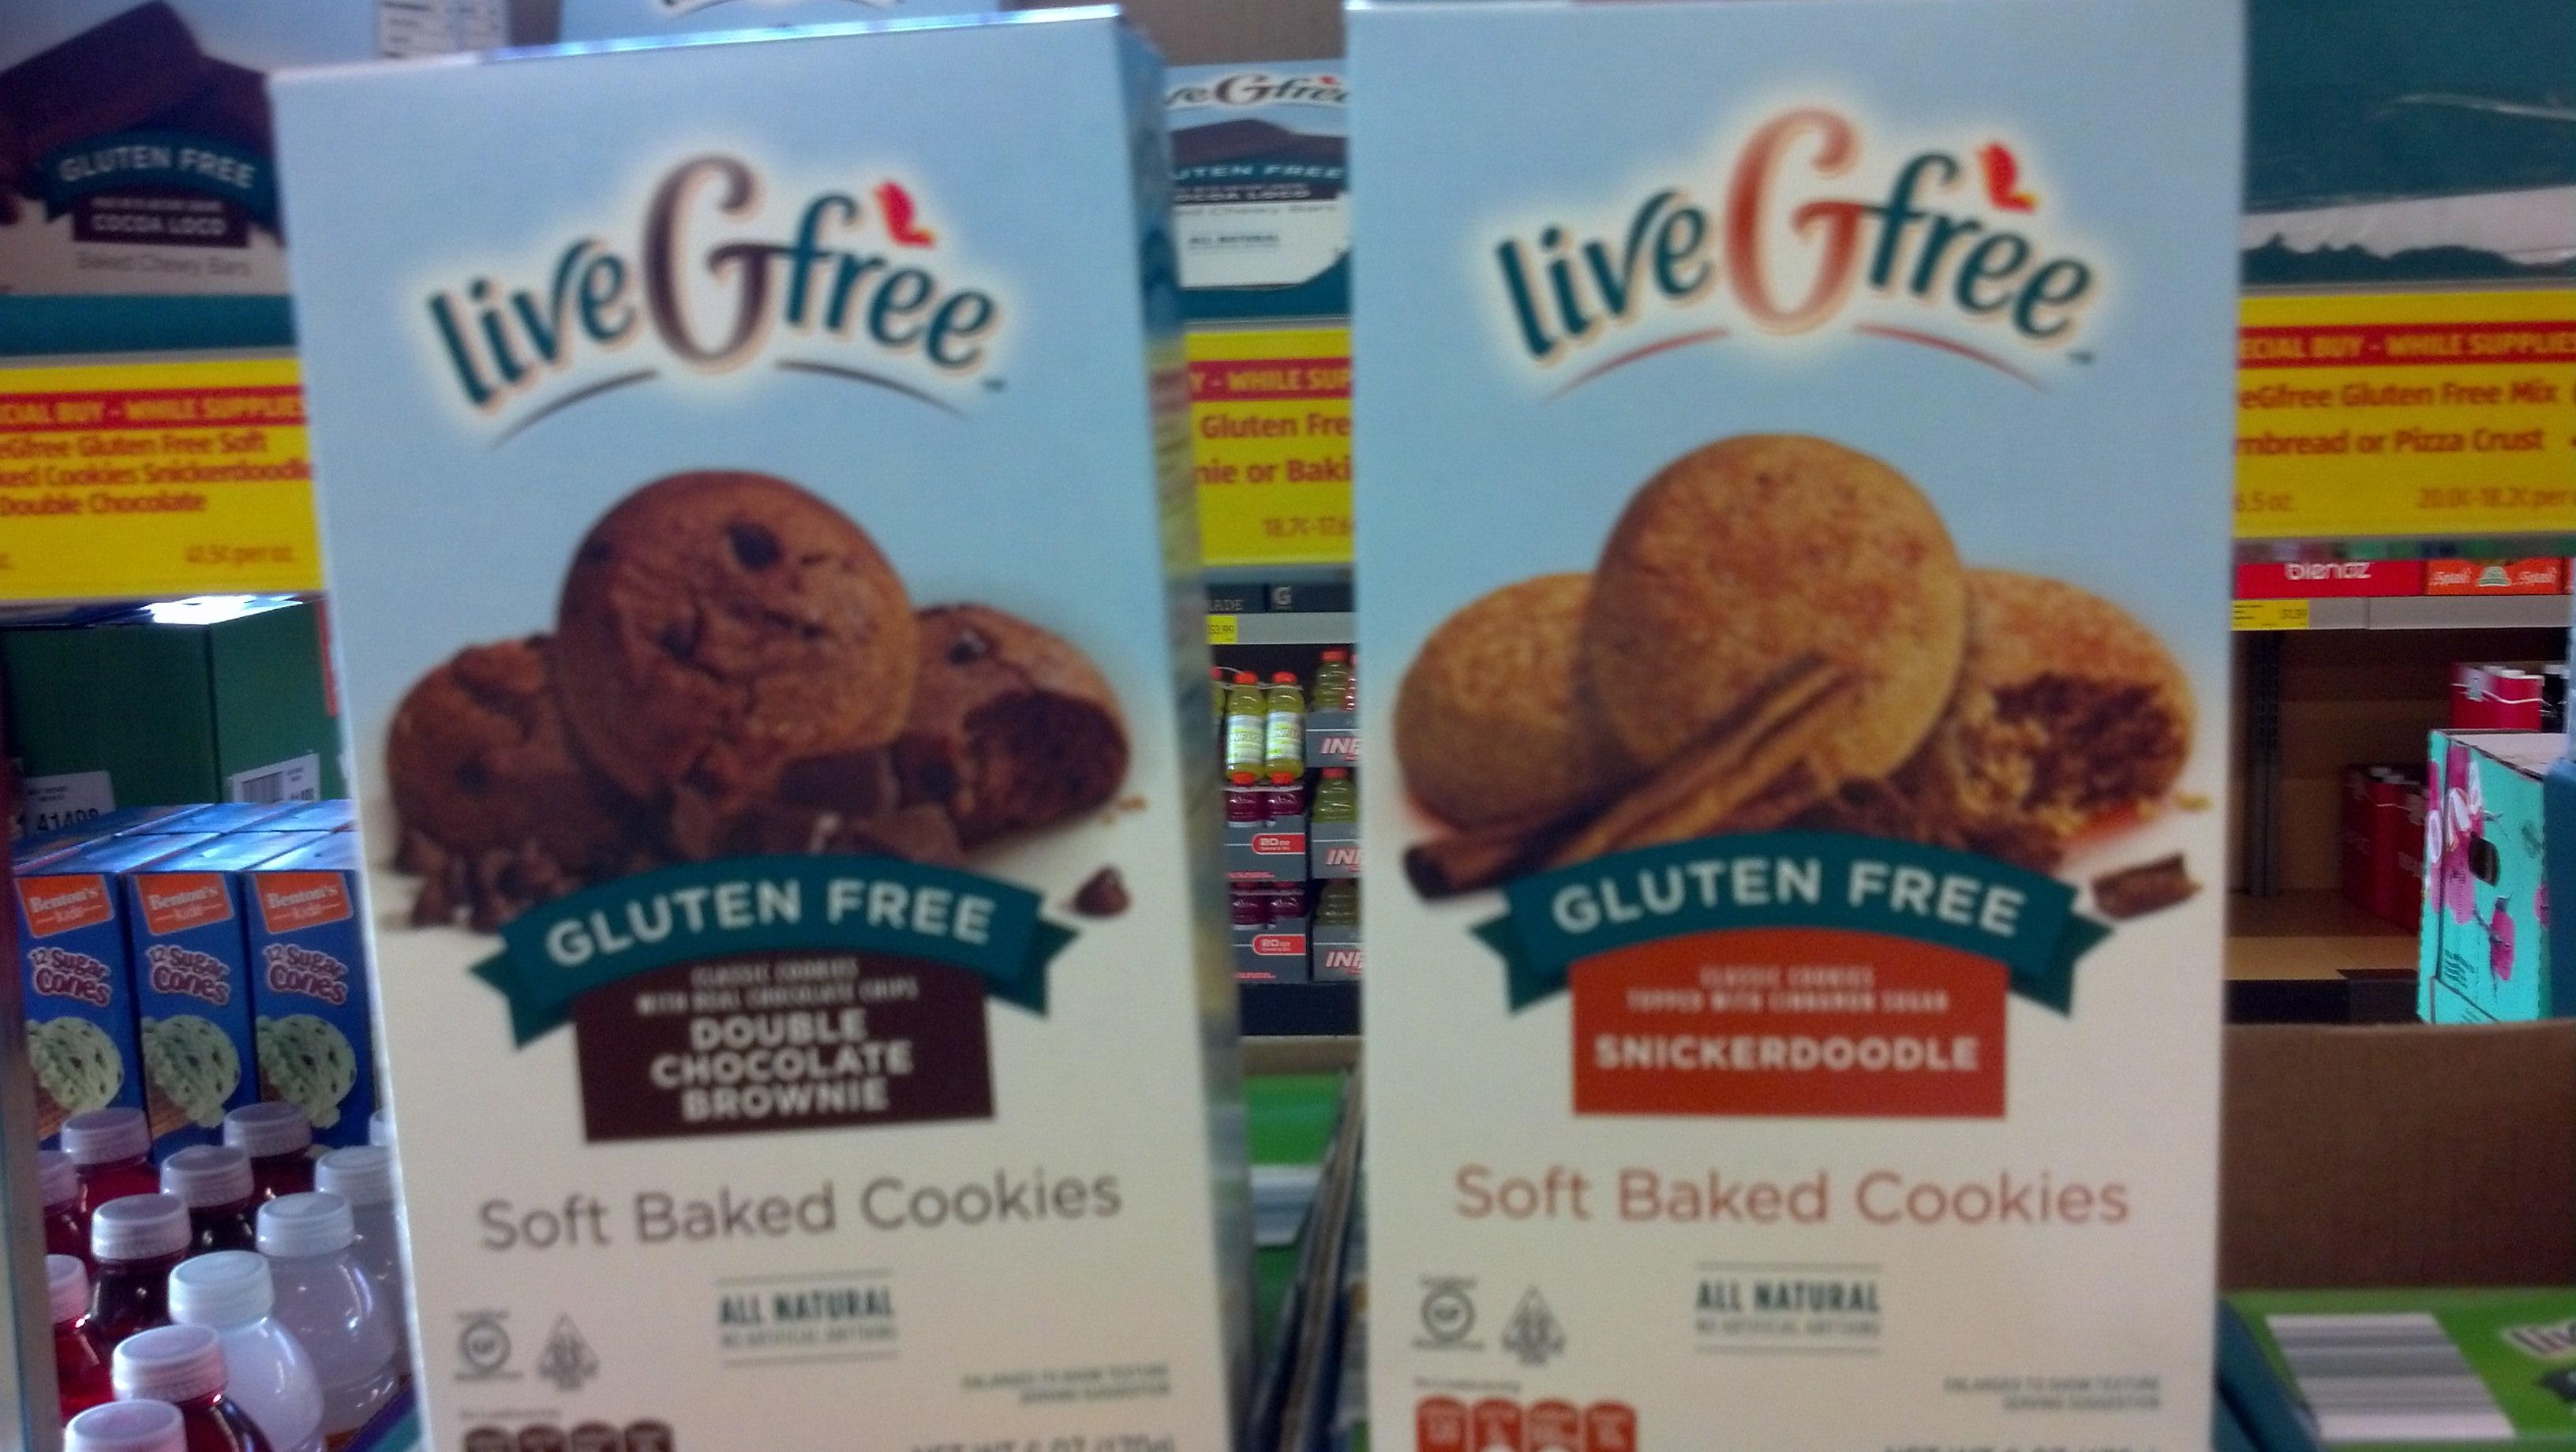 Aldi's Gluten Free Cookies